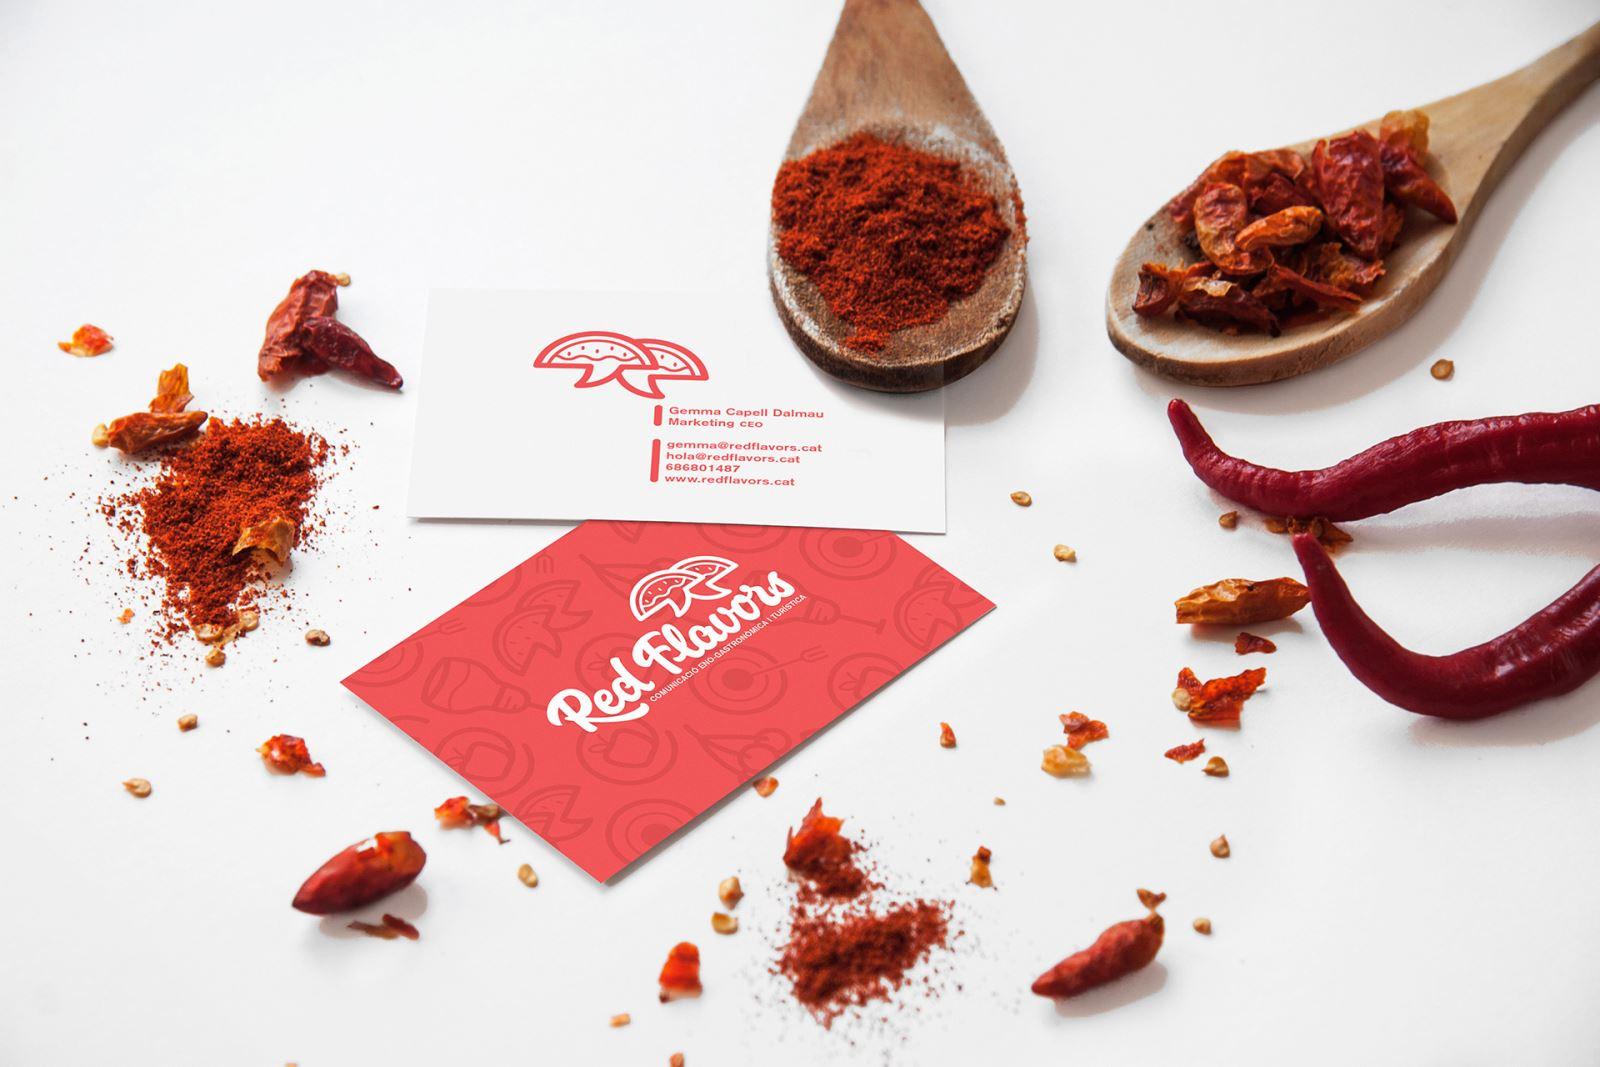 Comunicació especialitzada Red Flavors